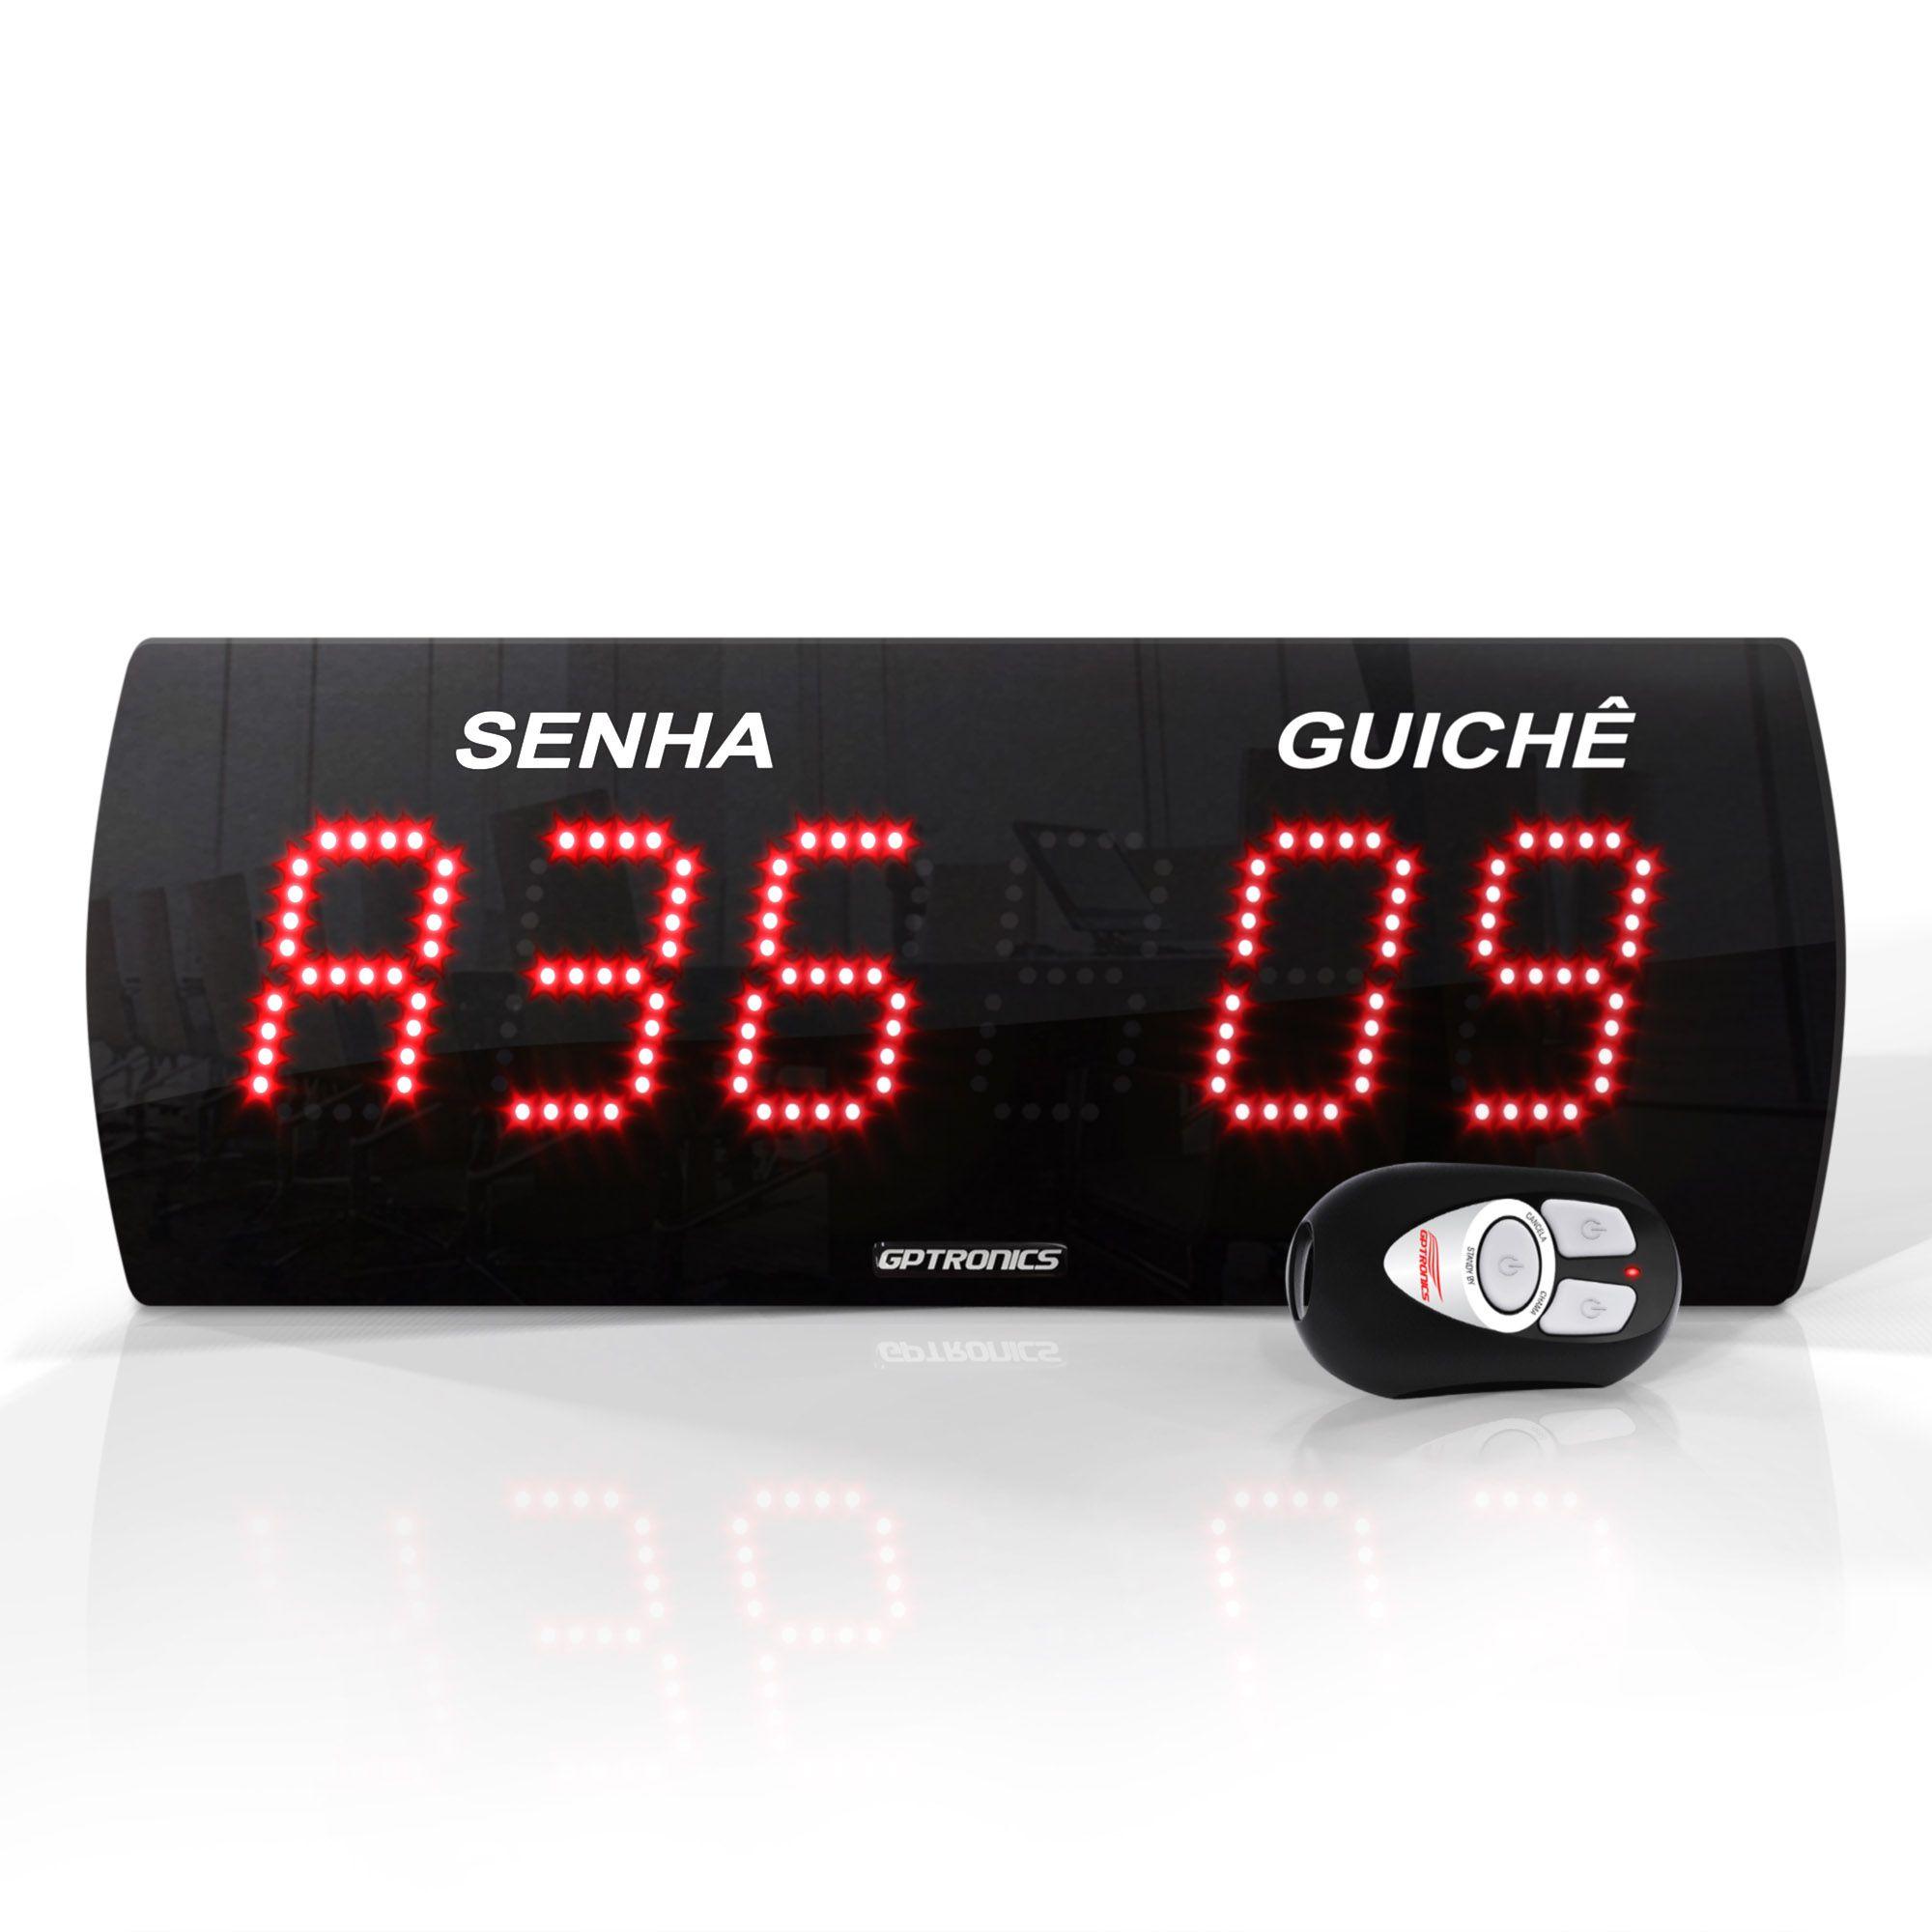 Agilize Slim 625 SG - Painel de Senha e Guichê com 2 Controles - 38x14 cm